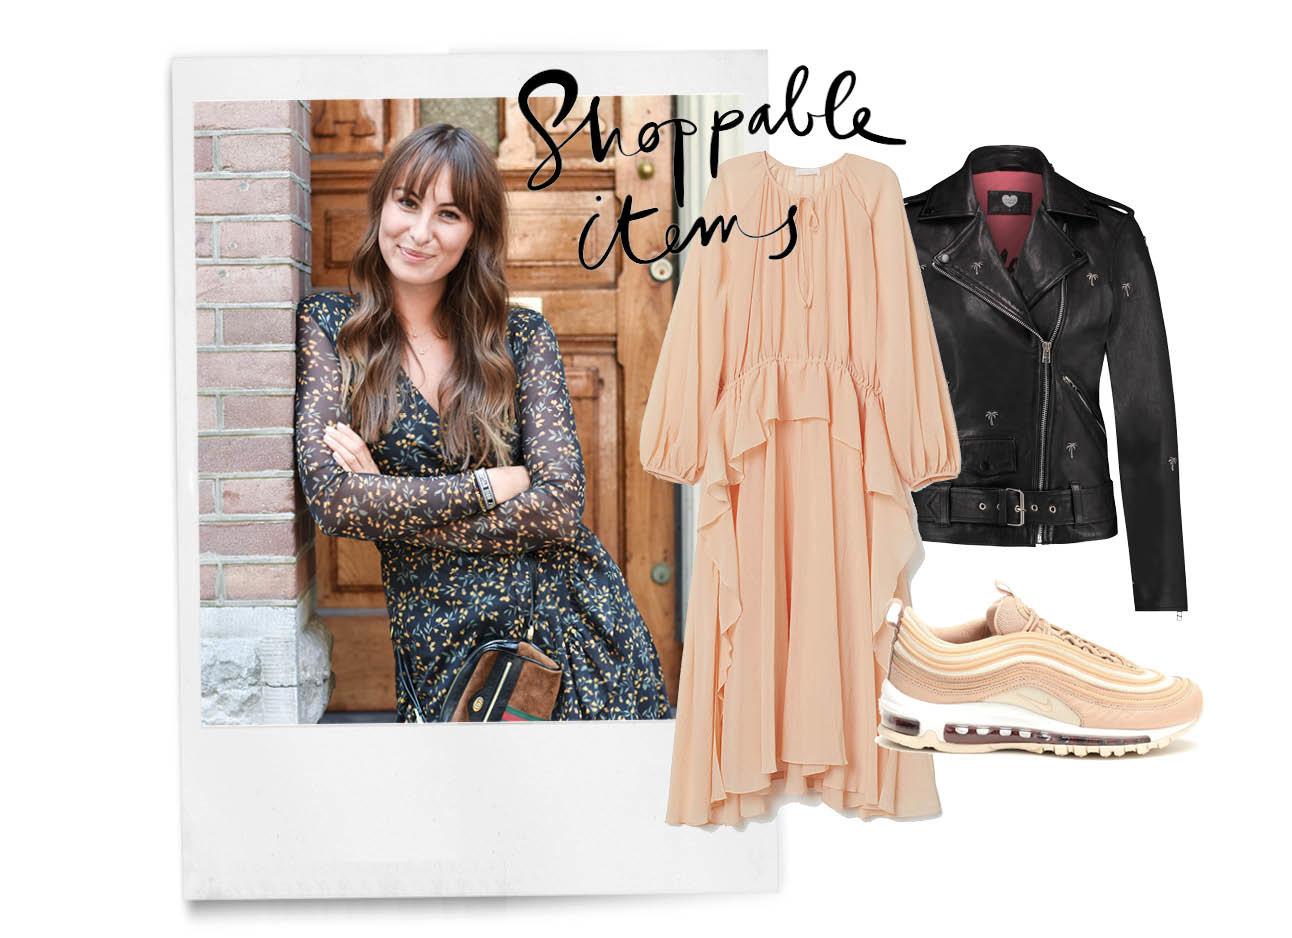 lilian brijl lachend met een zomerse jurk aan en buine gucci jas tegen een amsterdams huis aan met shoping items lange jurk roze zalm en een leer jack en nike gympen